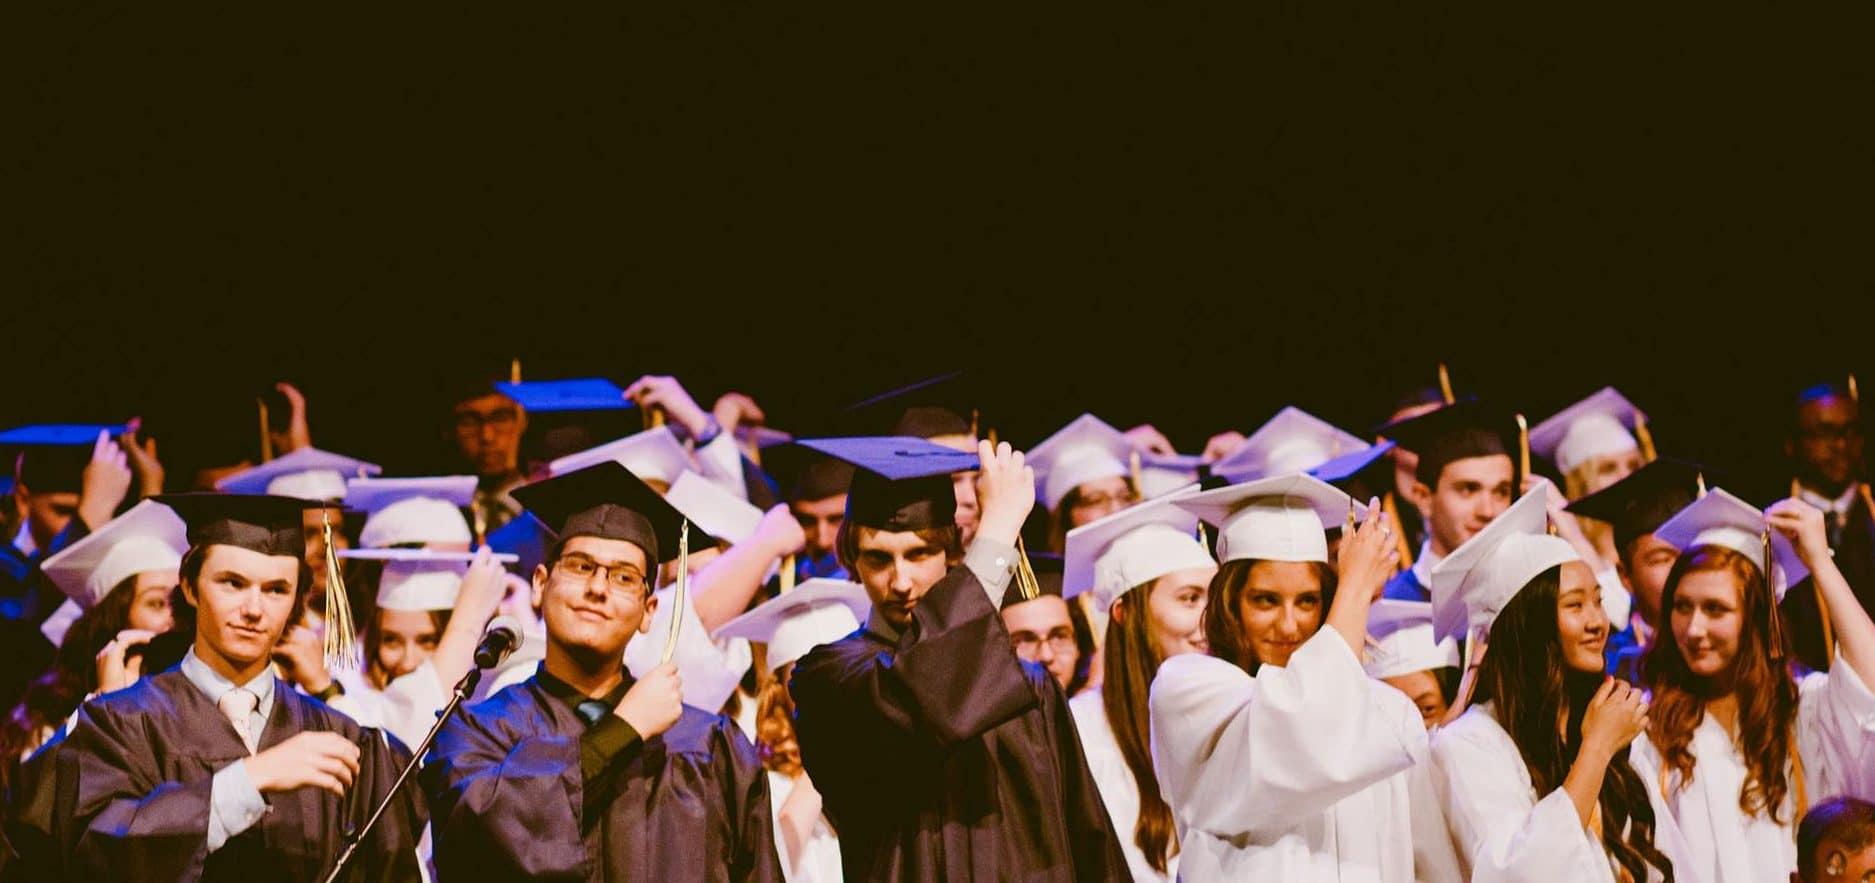 collegiate-athlete-academics